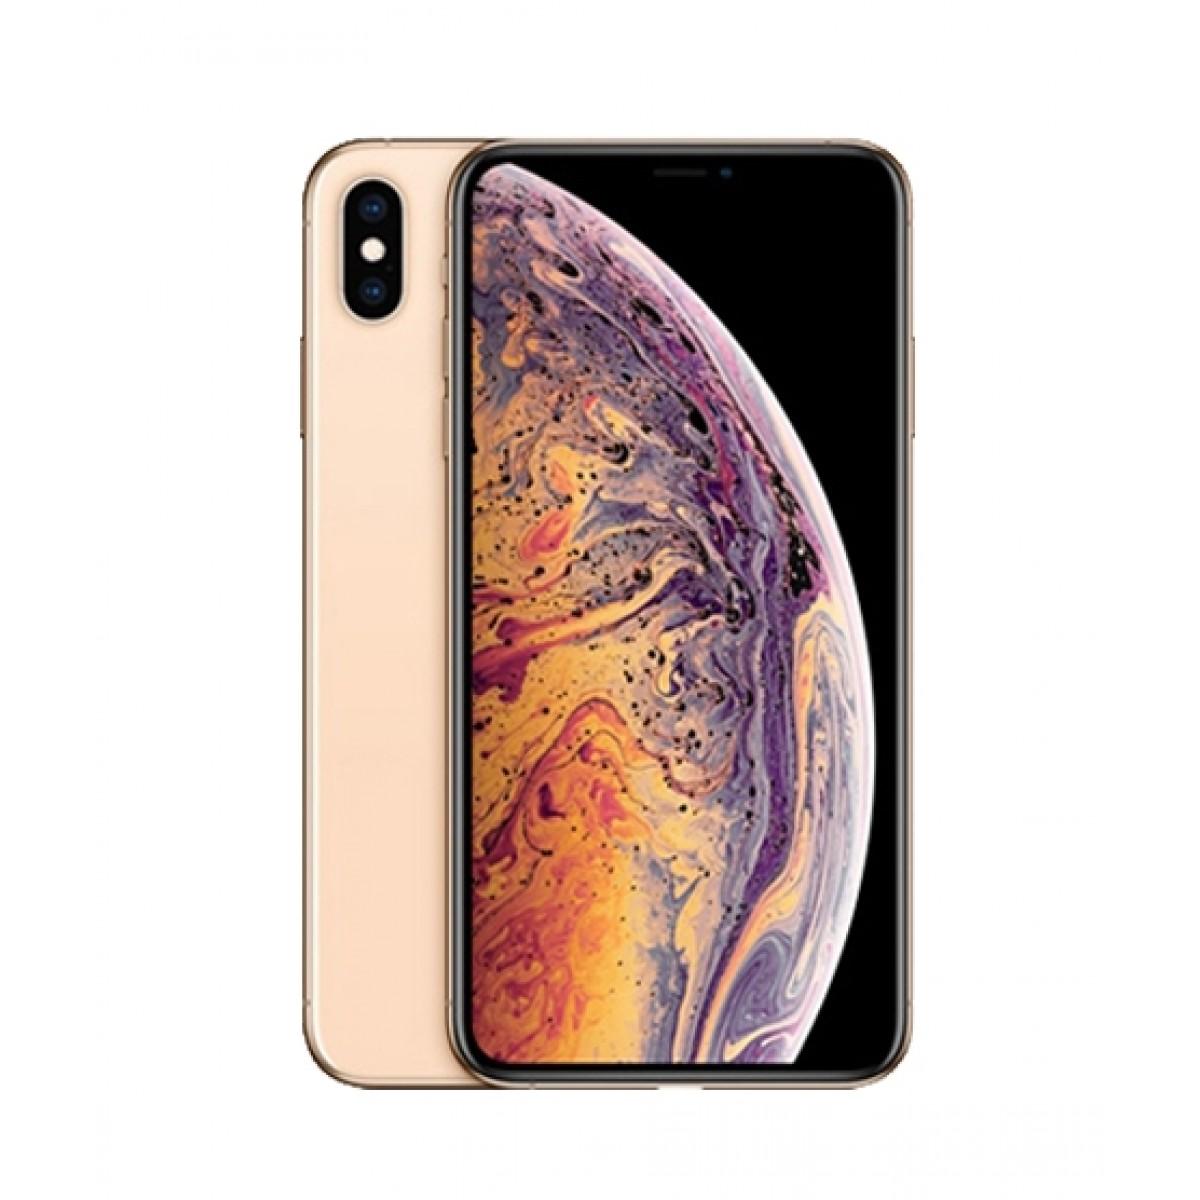 Apple iPhone XS Max 256GB Single Sim Gold - Non PTA Compliant